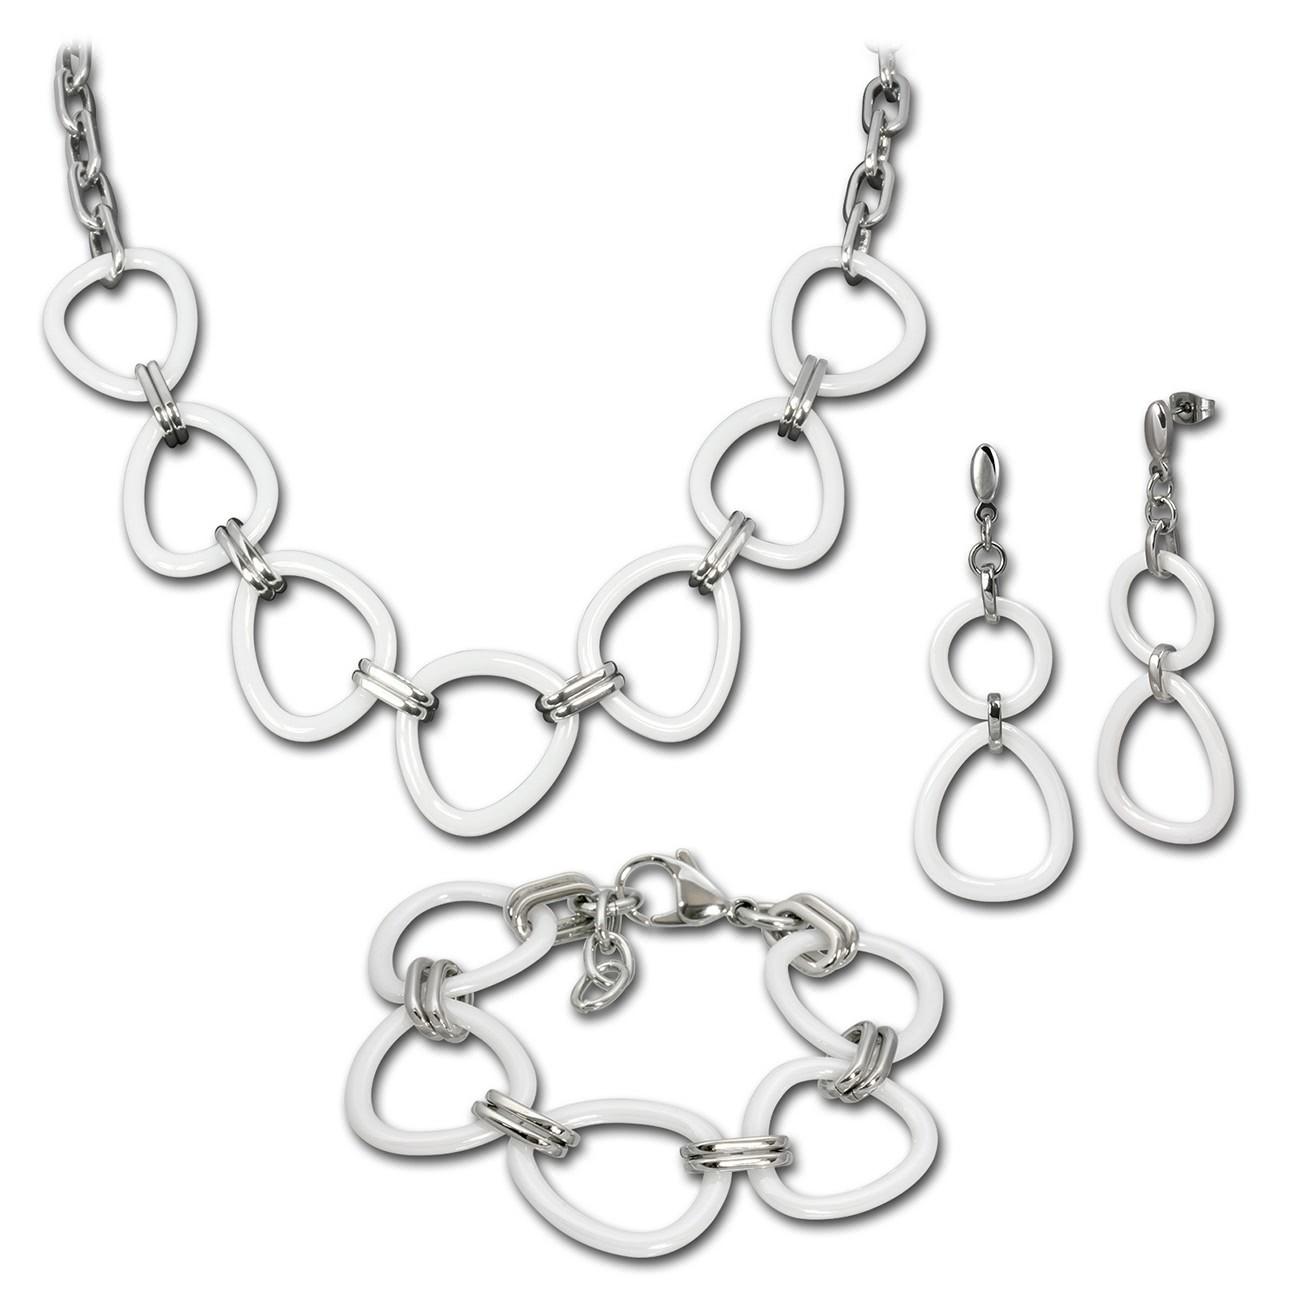 Amello Edelstahlset Keramik Dreieck Kette, Armband, Ohrring ESSX07W